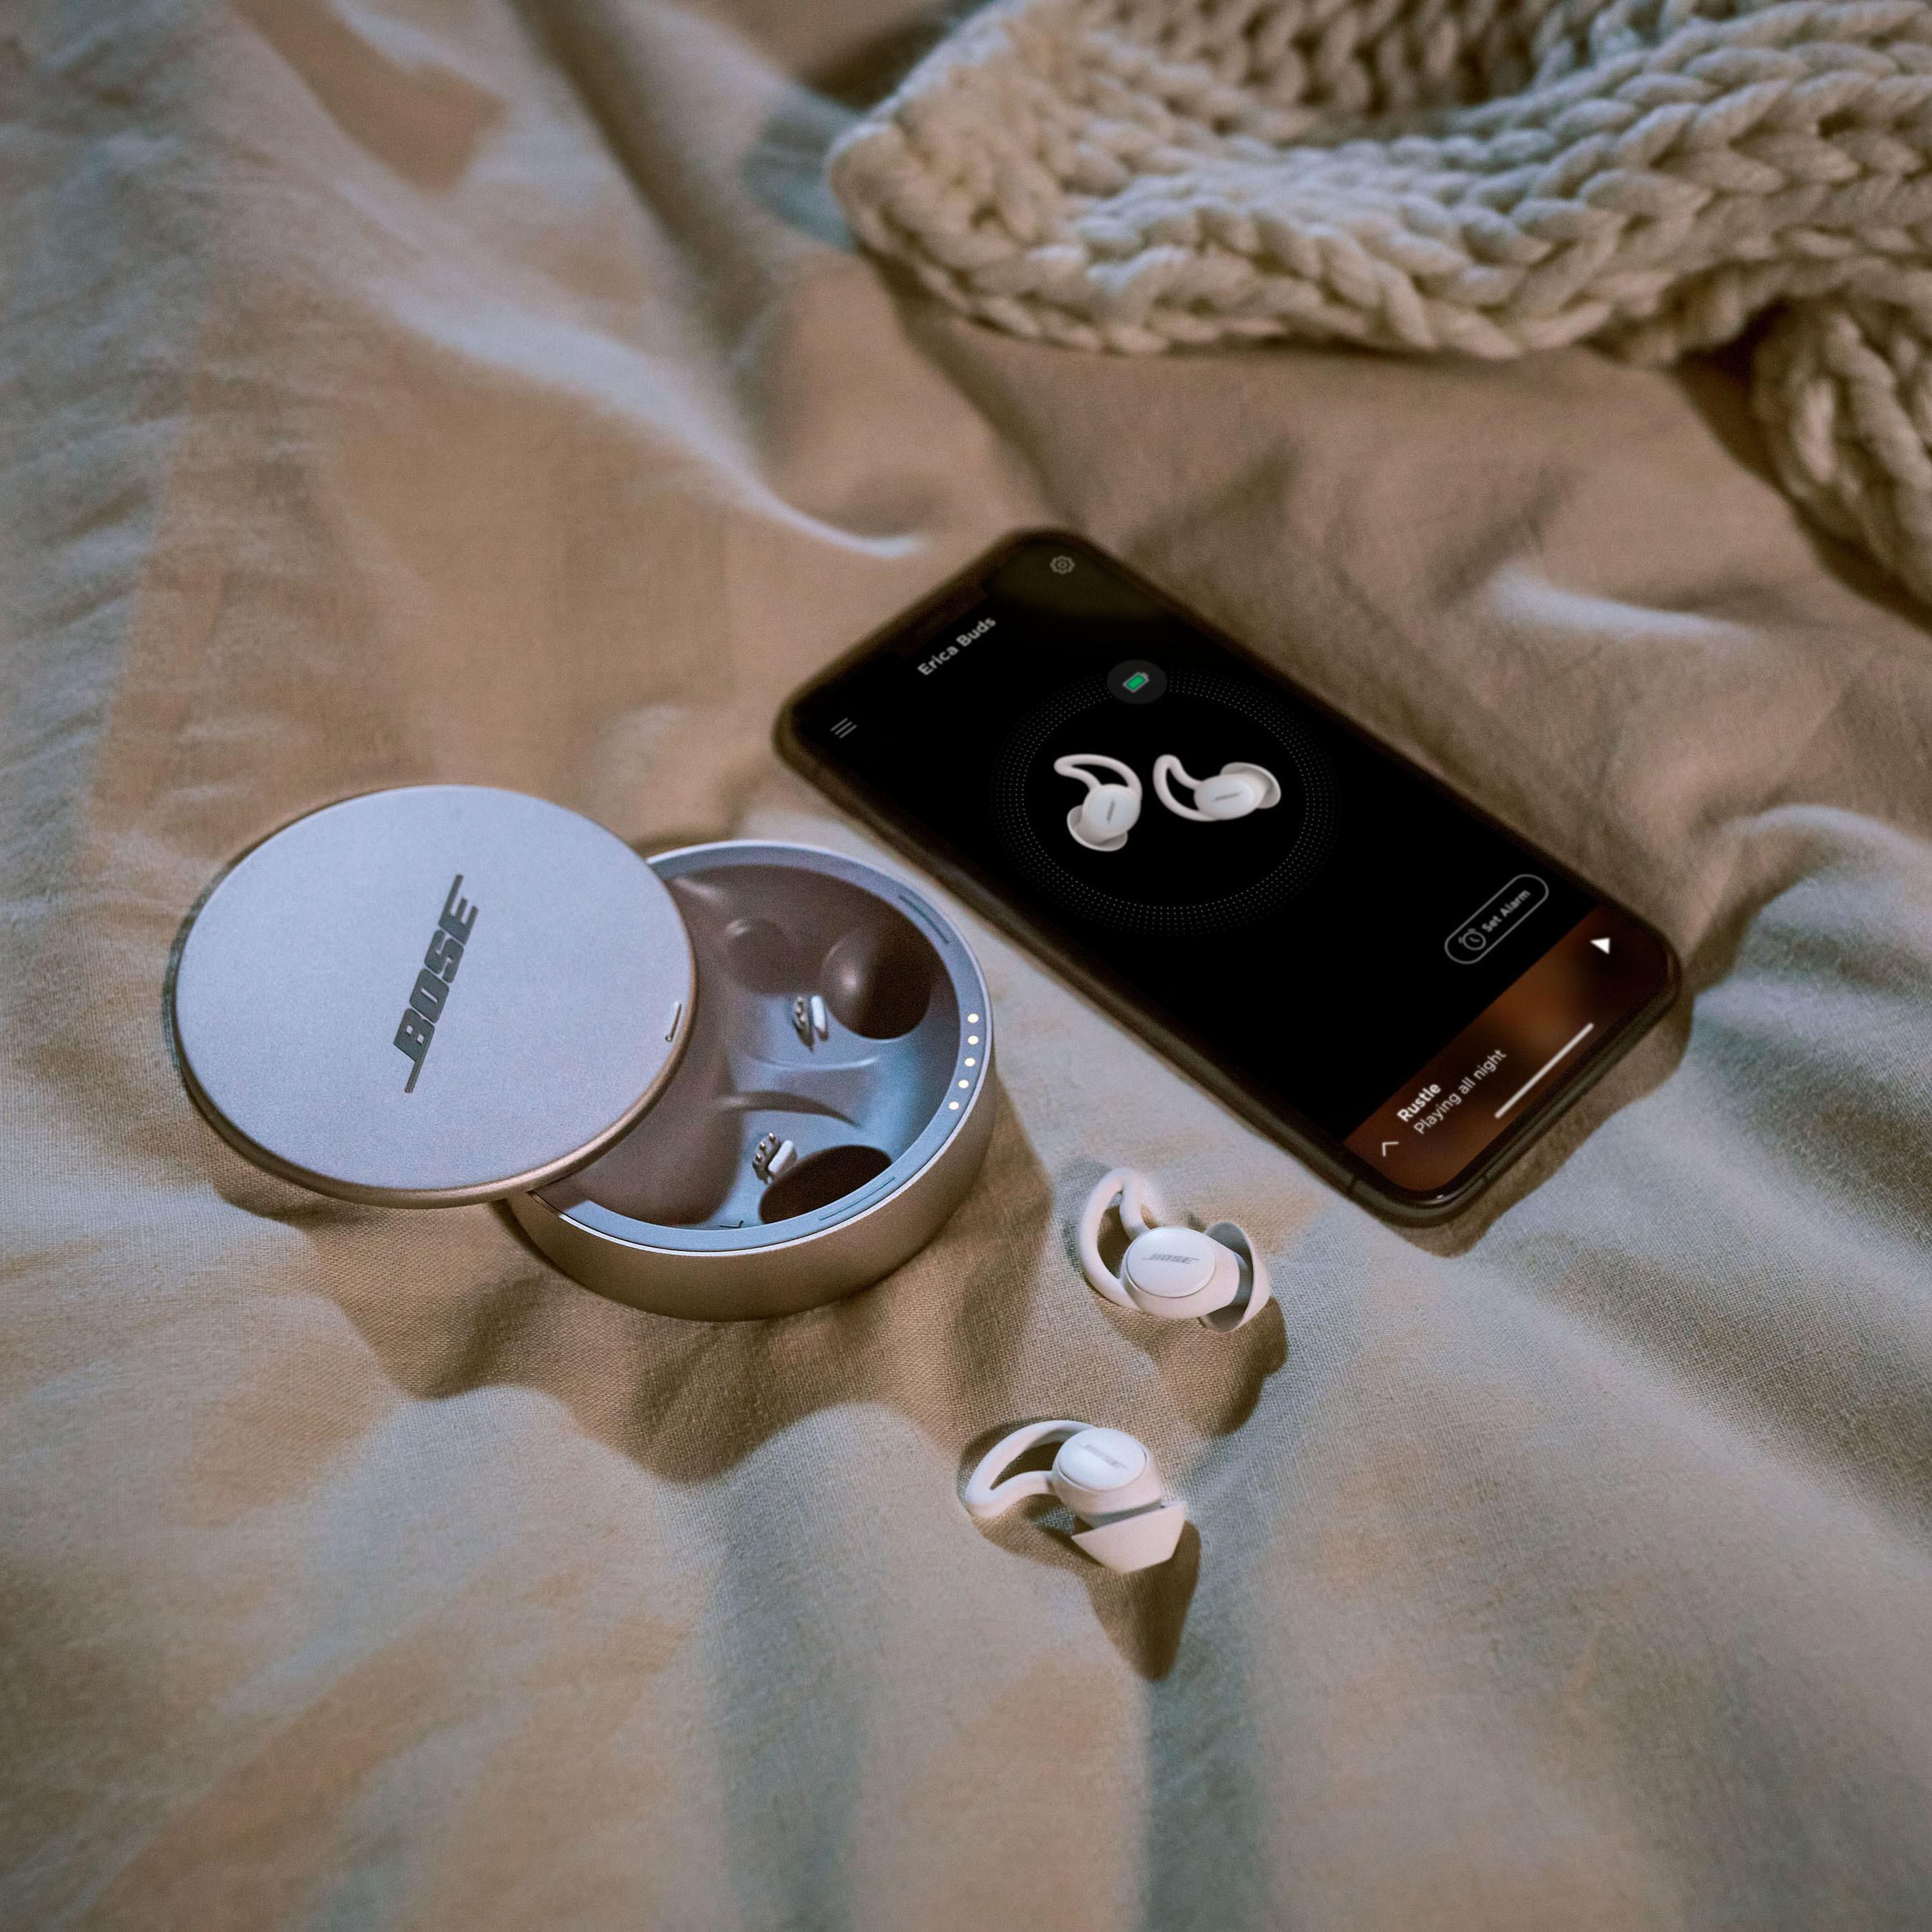 완전 무선이어폰도 슬립테크 시장 가세…보스, 수면전용 '슬립버즈 II' 발표